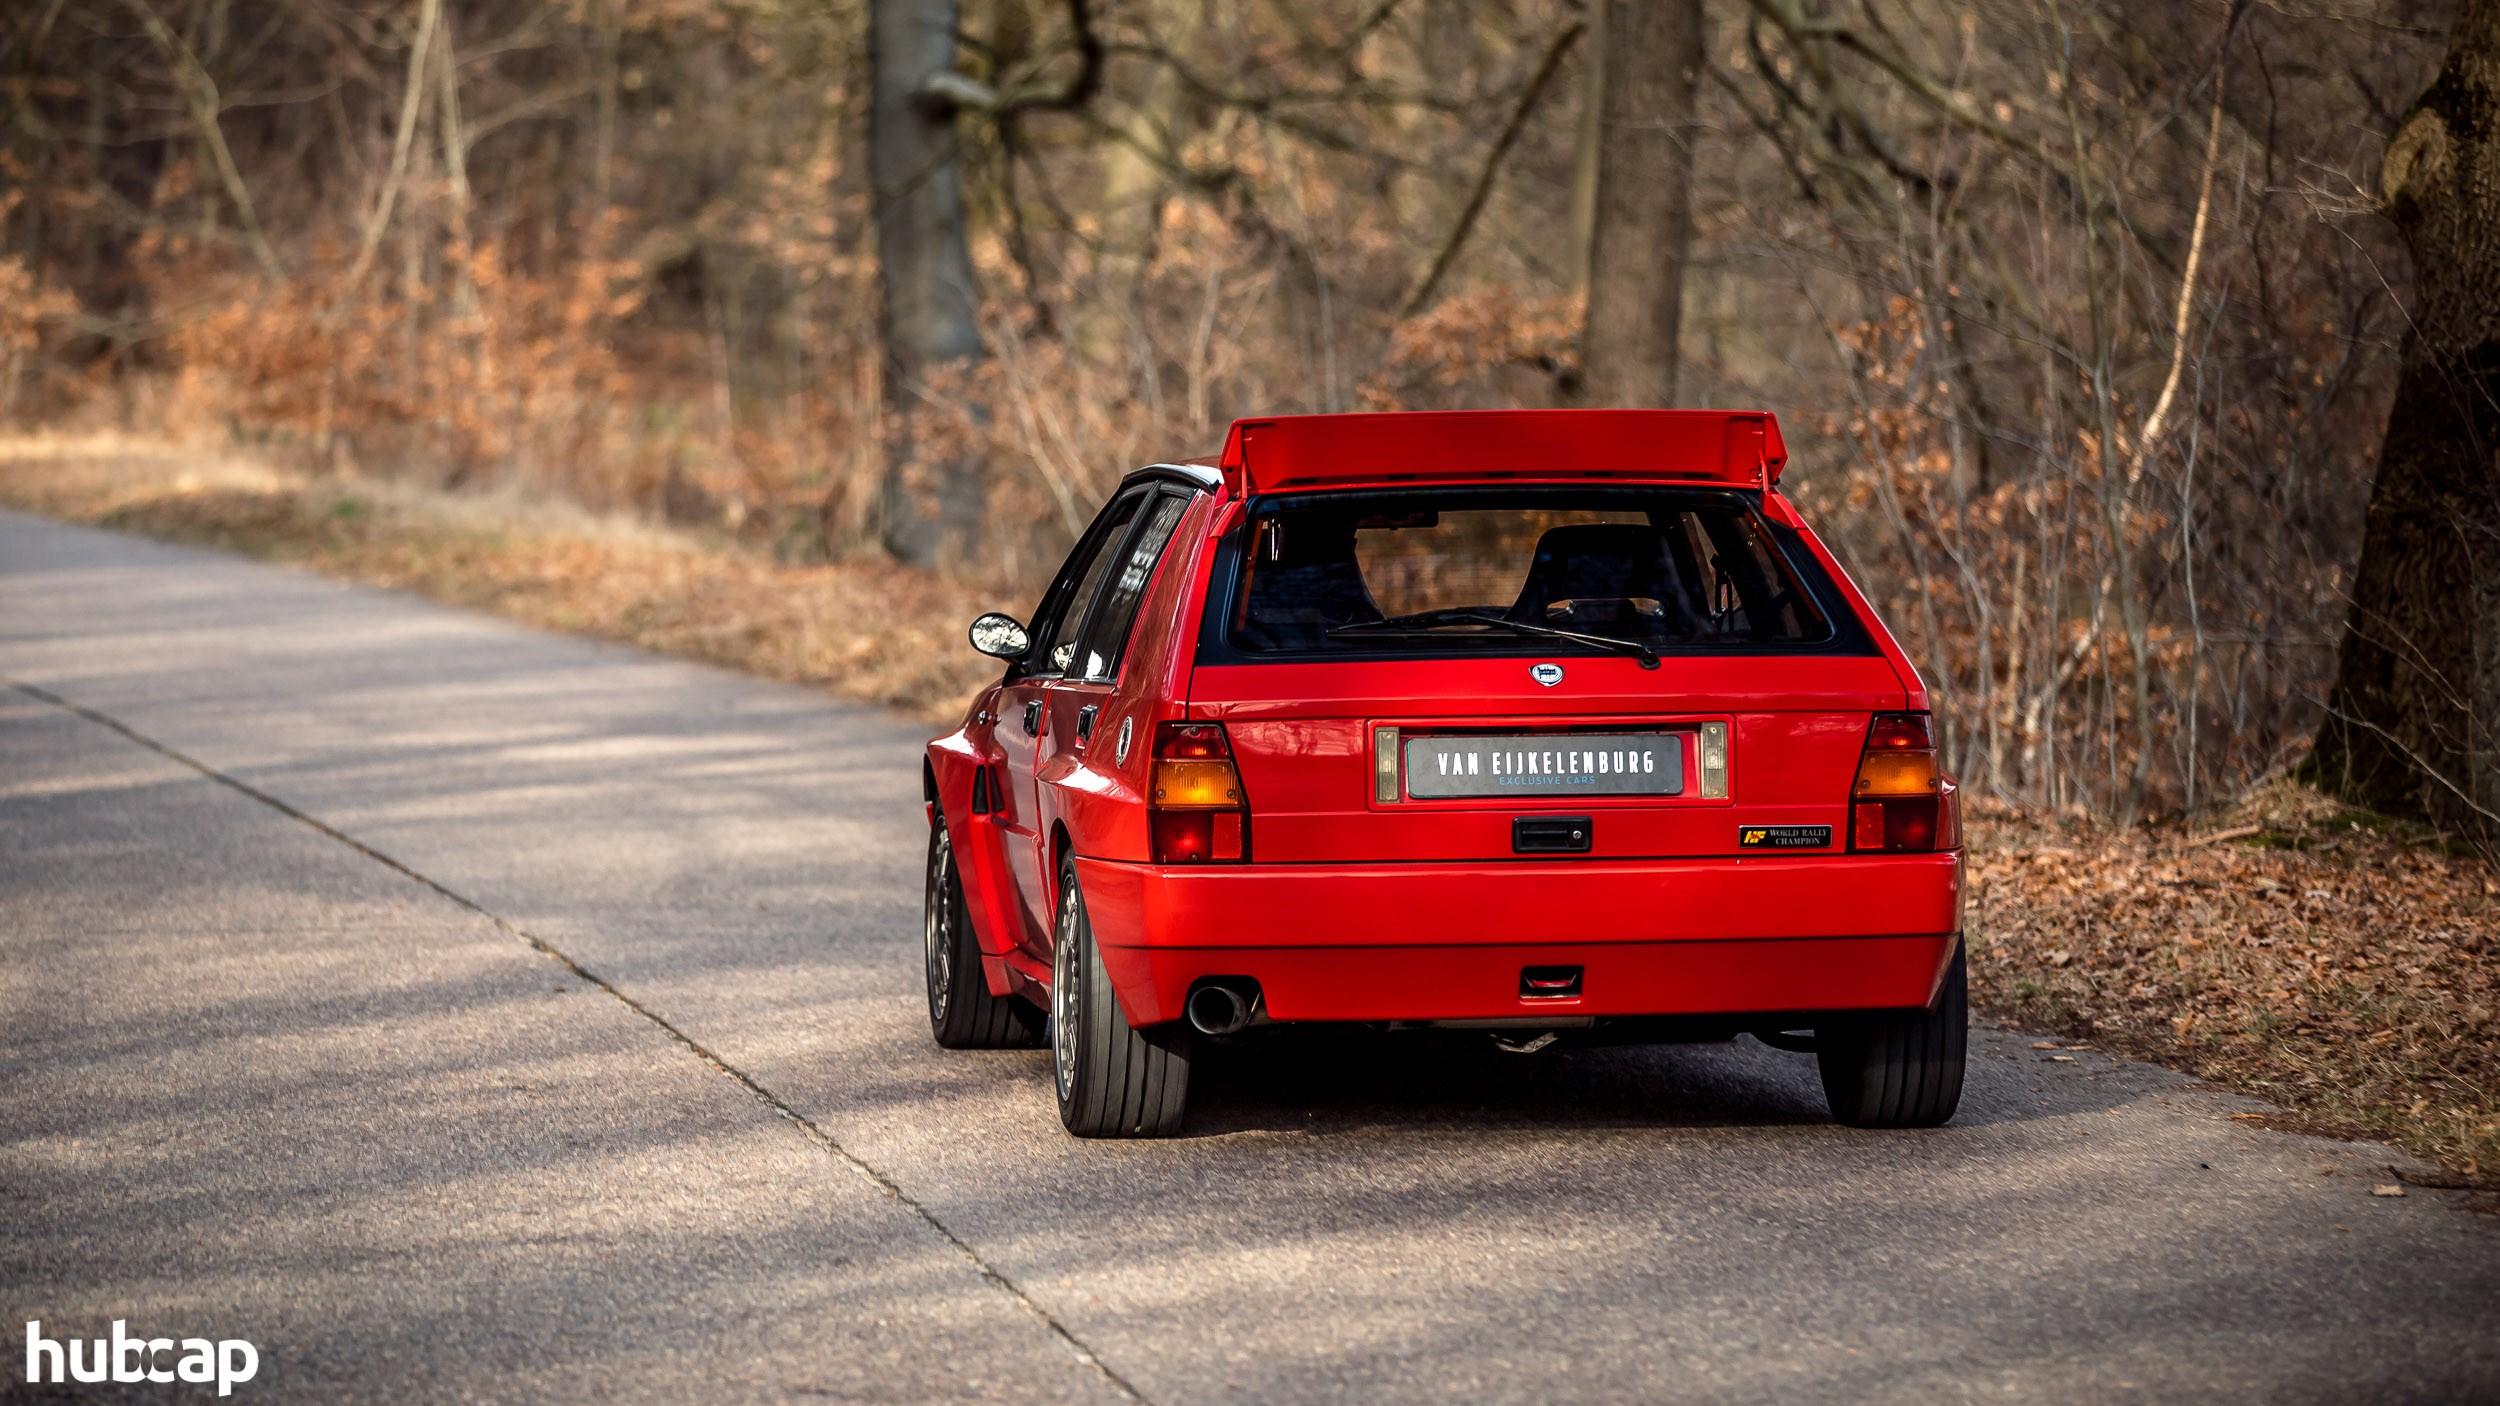 Lancia Delta HF Integrale Evo 1 de gezinsauto die een legendarische rallyauto werd 04